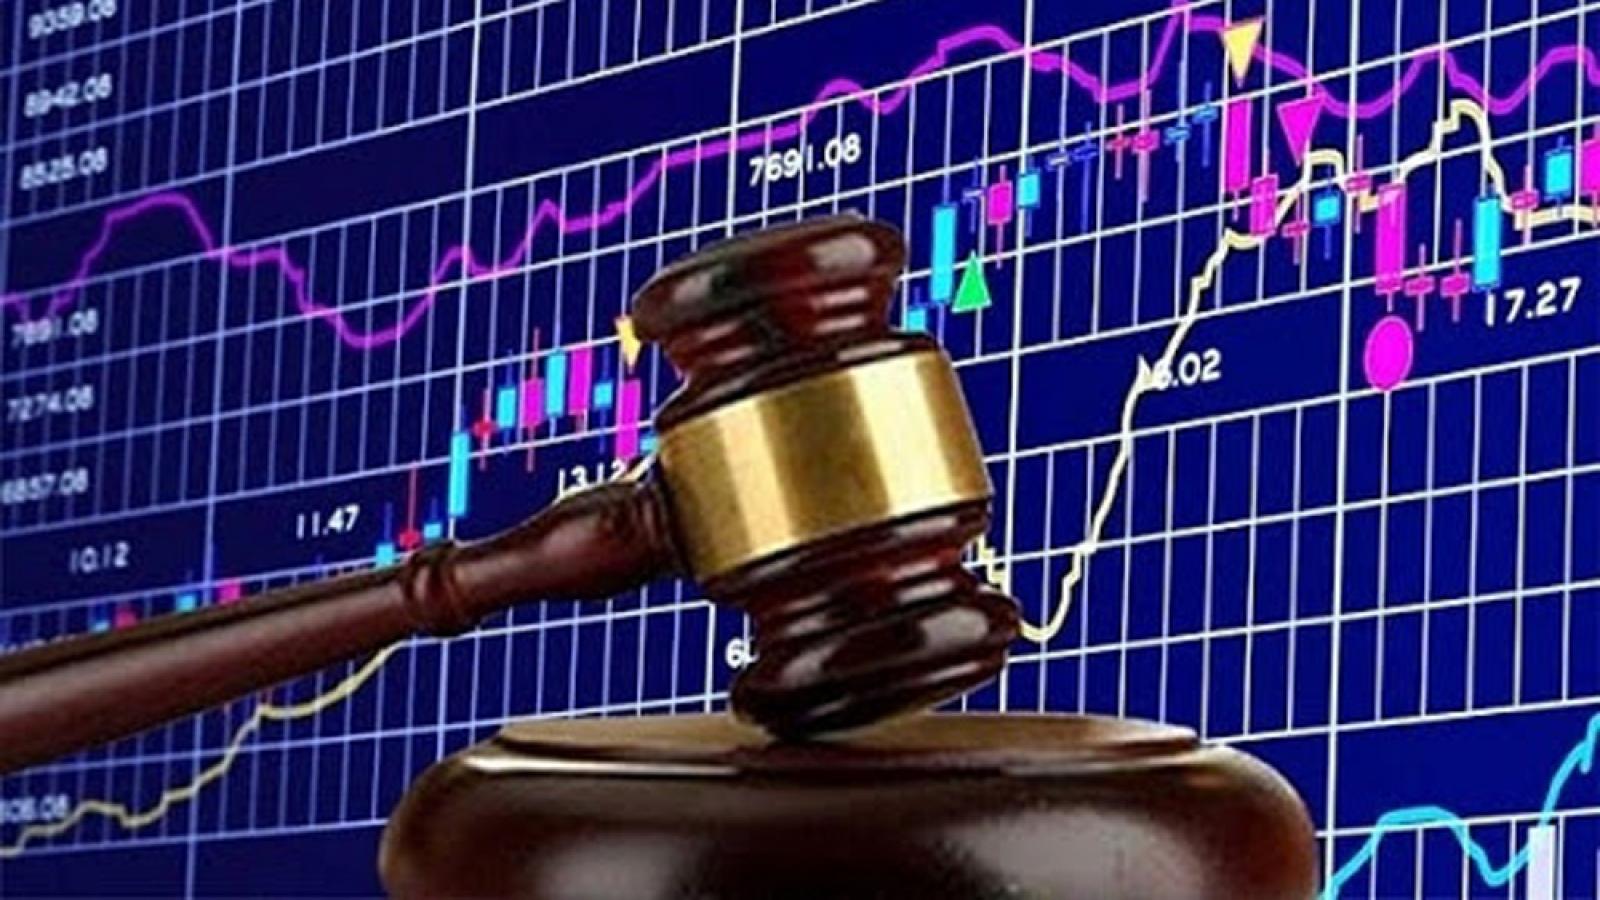 Vi phạm hành chính trong lĩnh vực chứng khoán, nhiều DN, cá nhân bị phạt tiền